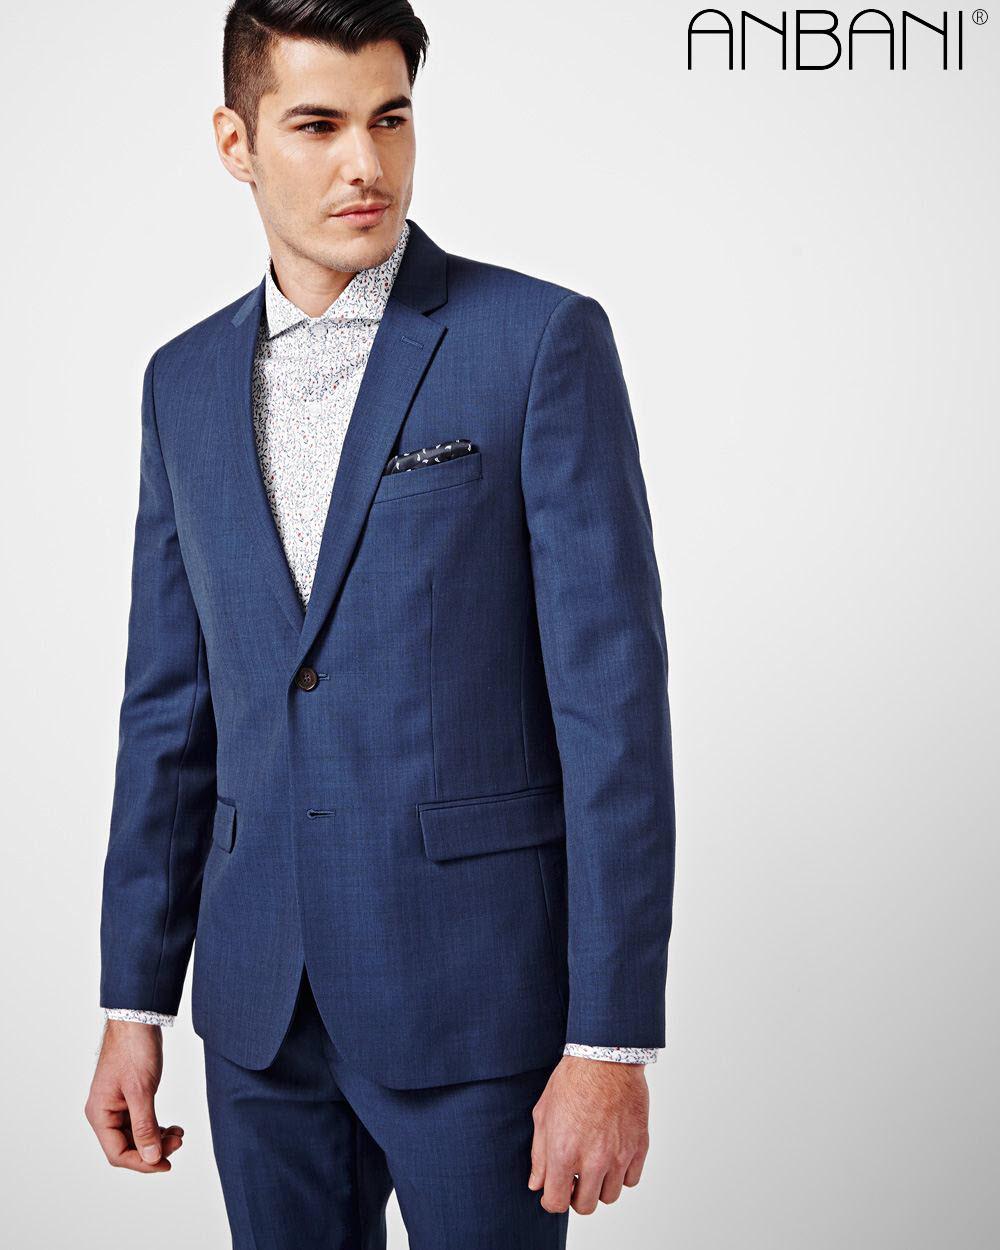 Top shop bán áo vest cao cấp cho nam tại TP.HCM